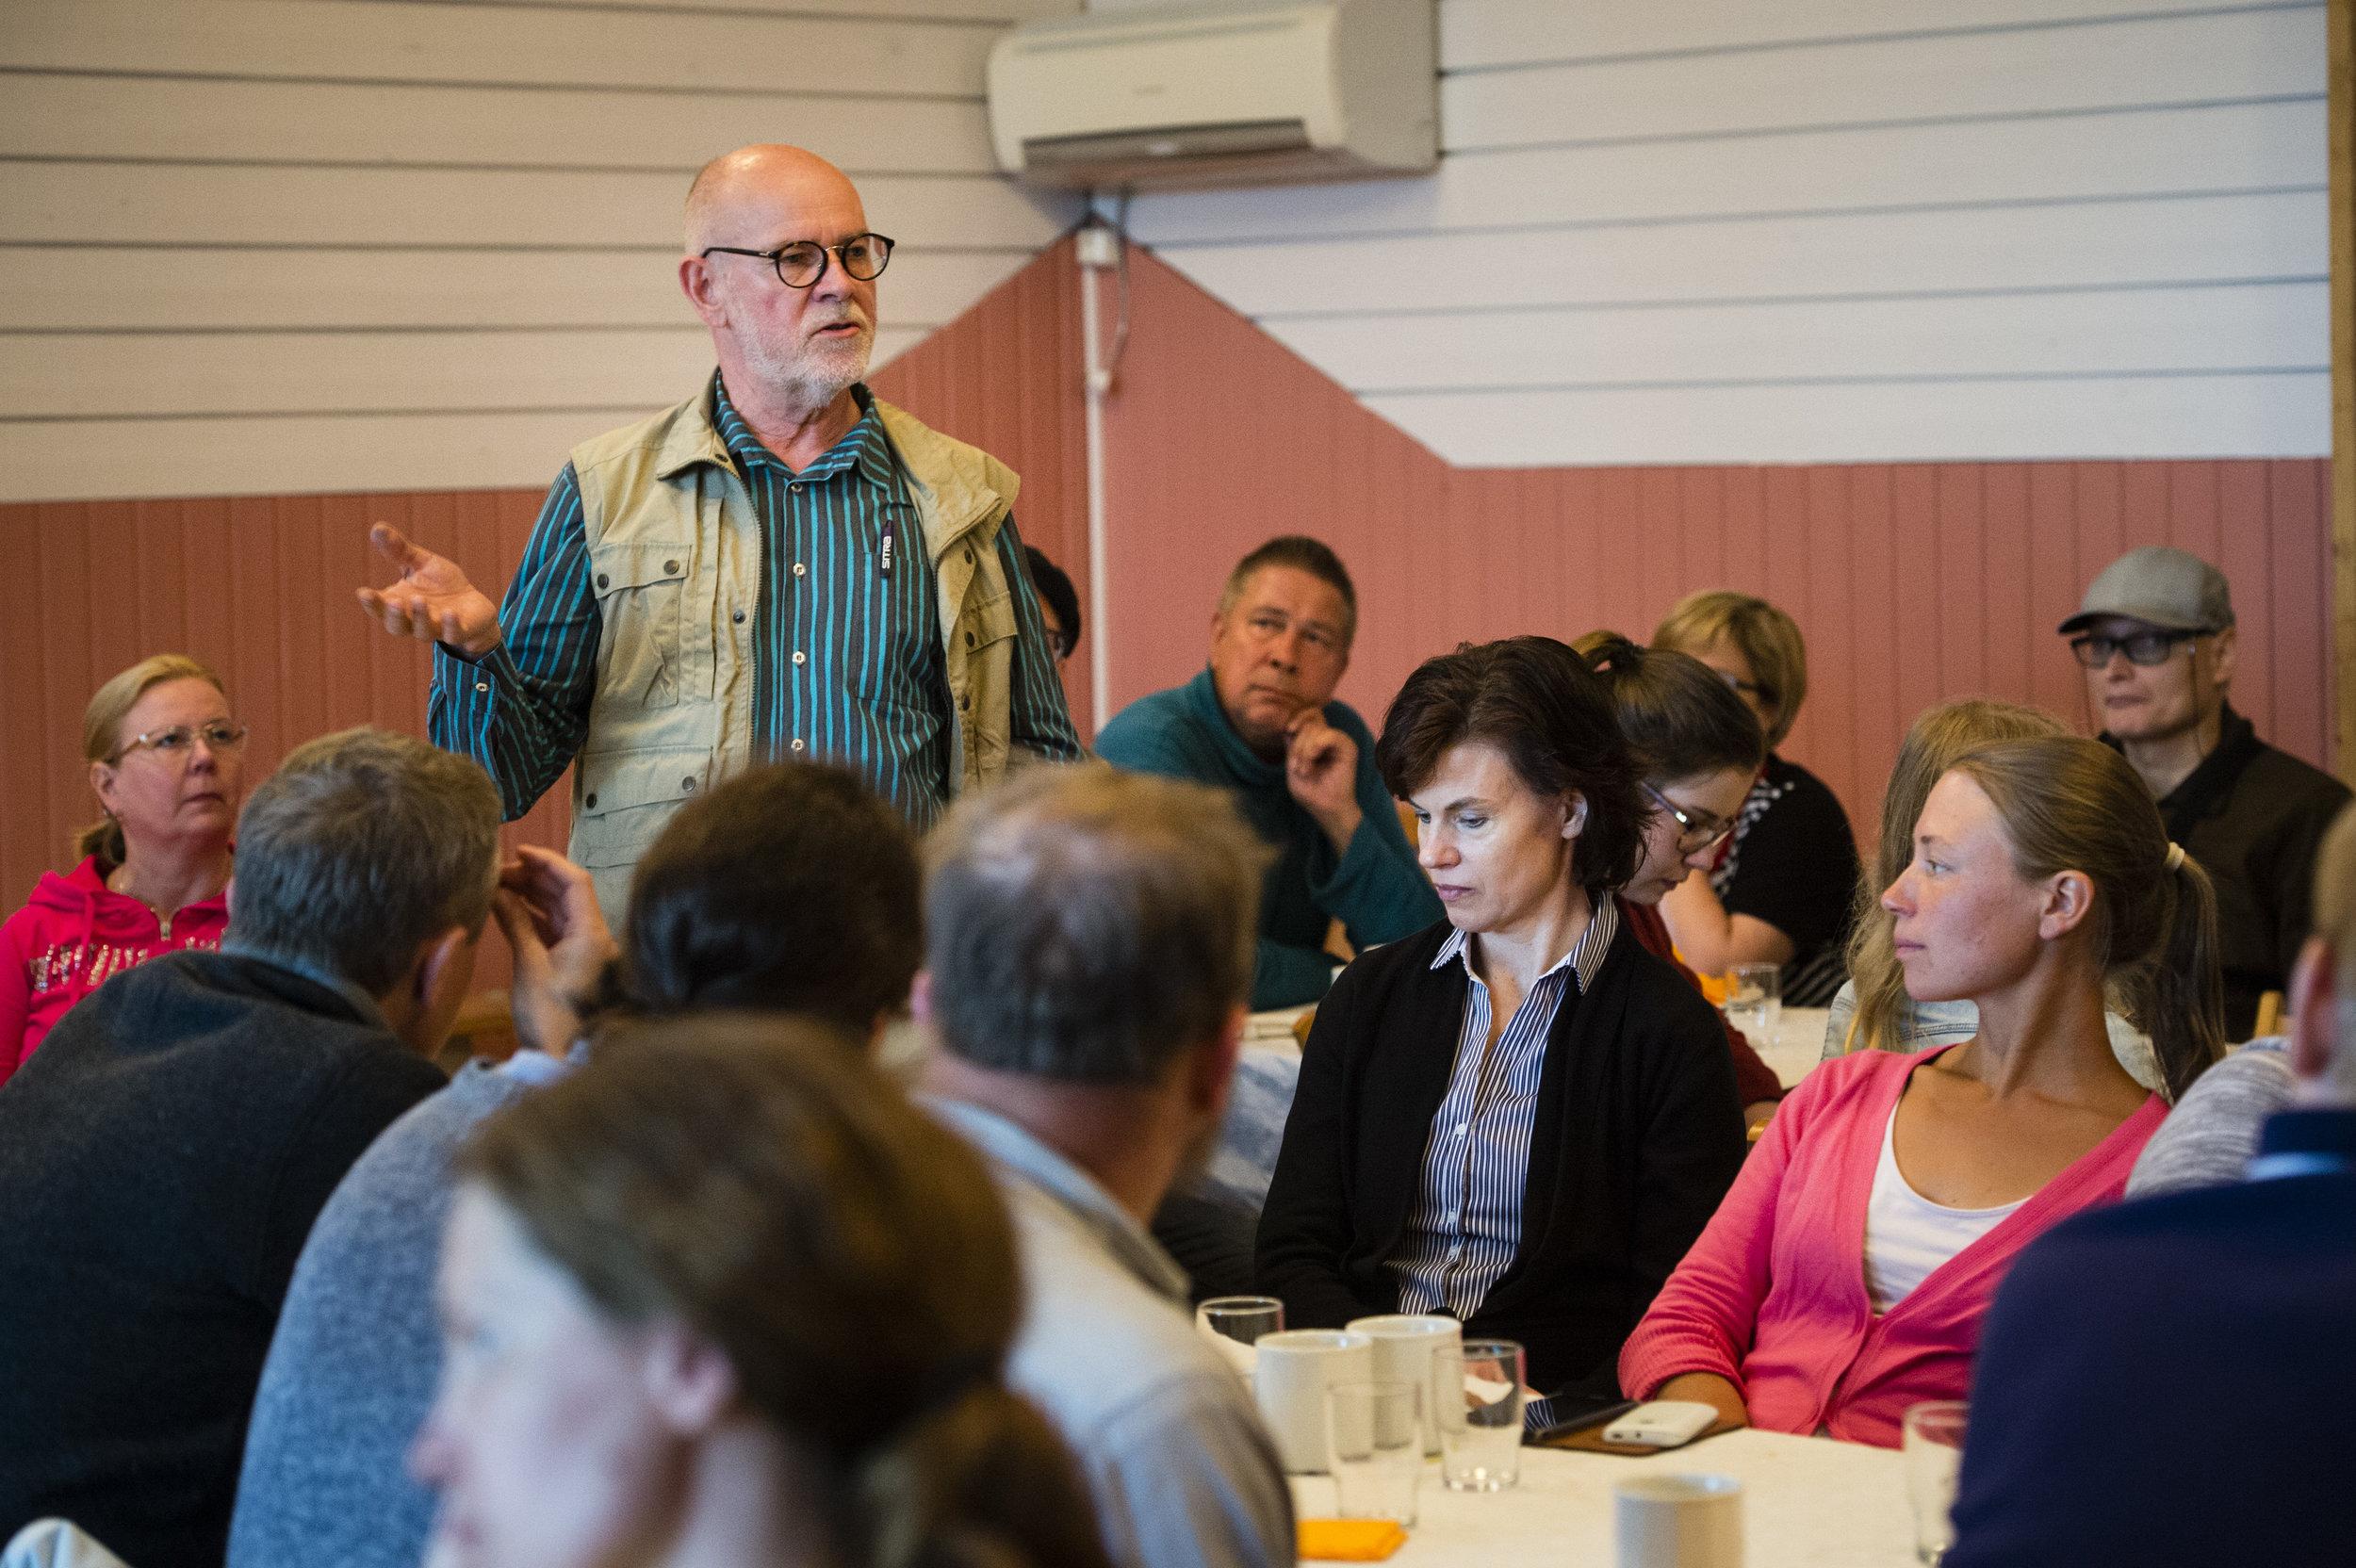 Halpuuttamisella ei synny kestävää elintarviketaloutta. Kumppanuusviljely opettaa, mikä maksaa ja miksi maksaa, ympäristöneuvos (emeritus) Sauli Rouhinen.